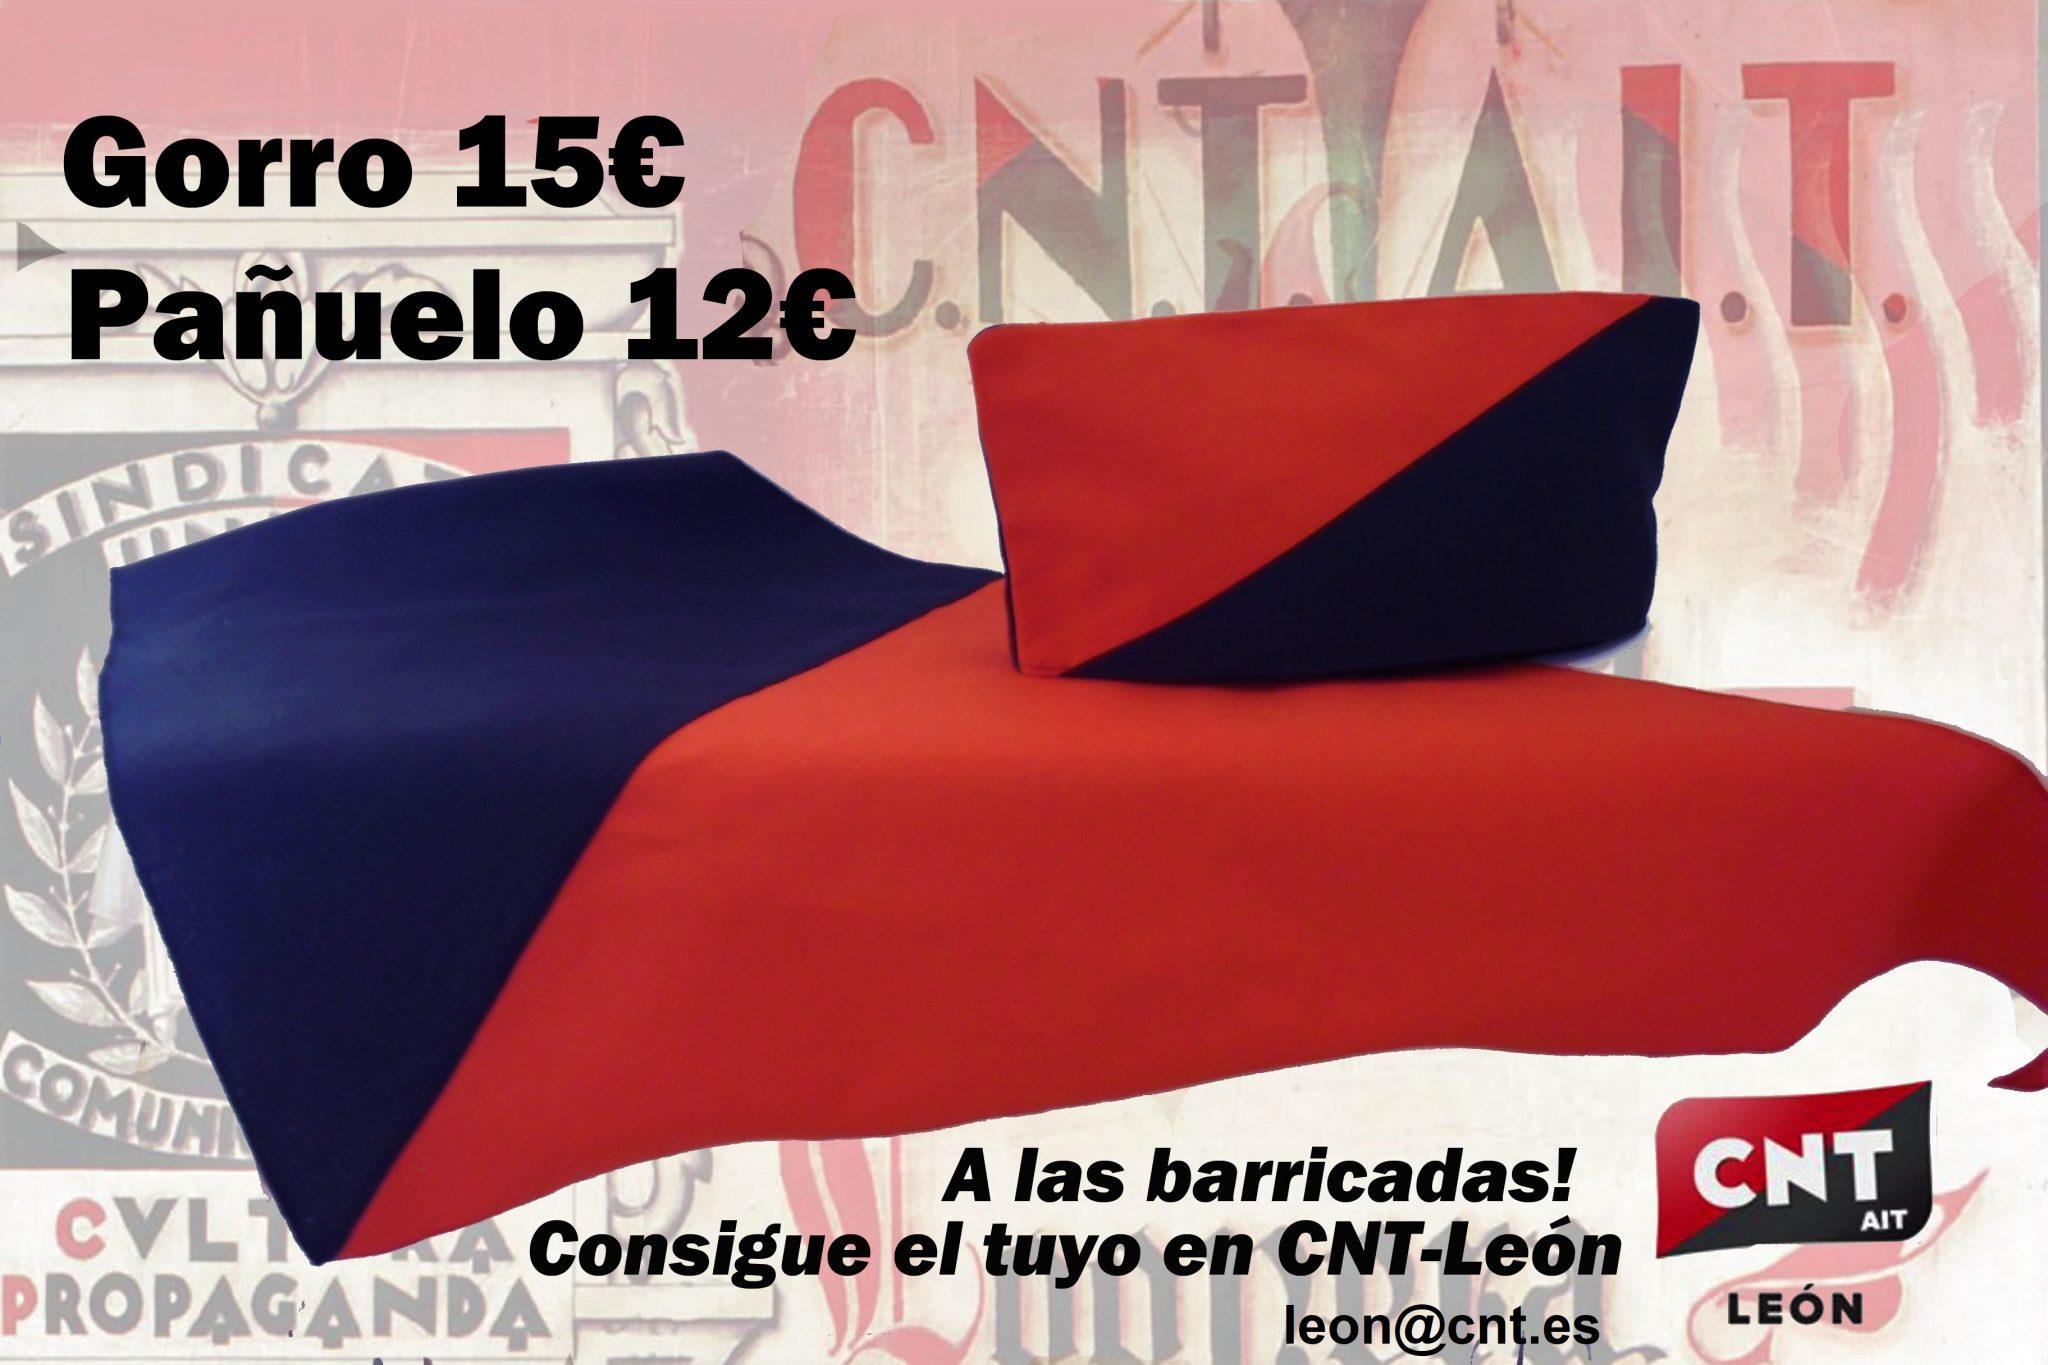 Gorros y Pañuelos milicianos del sindicato en León, CNT.